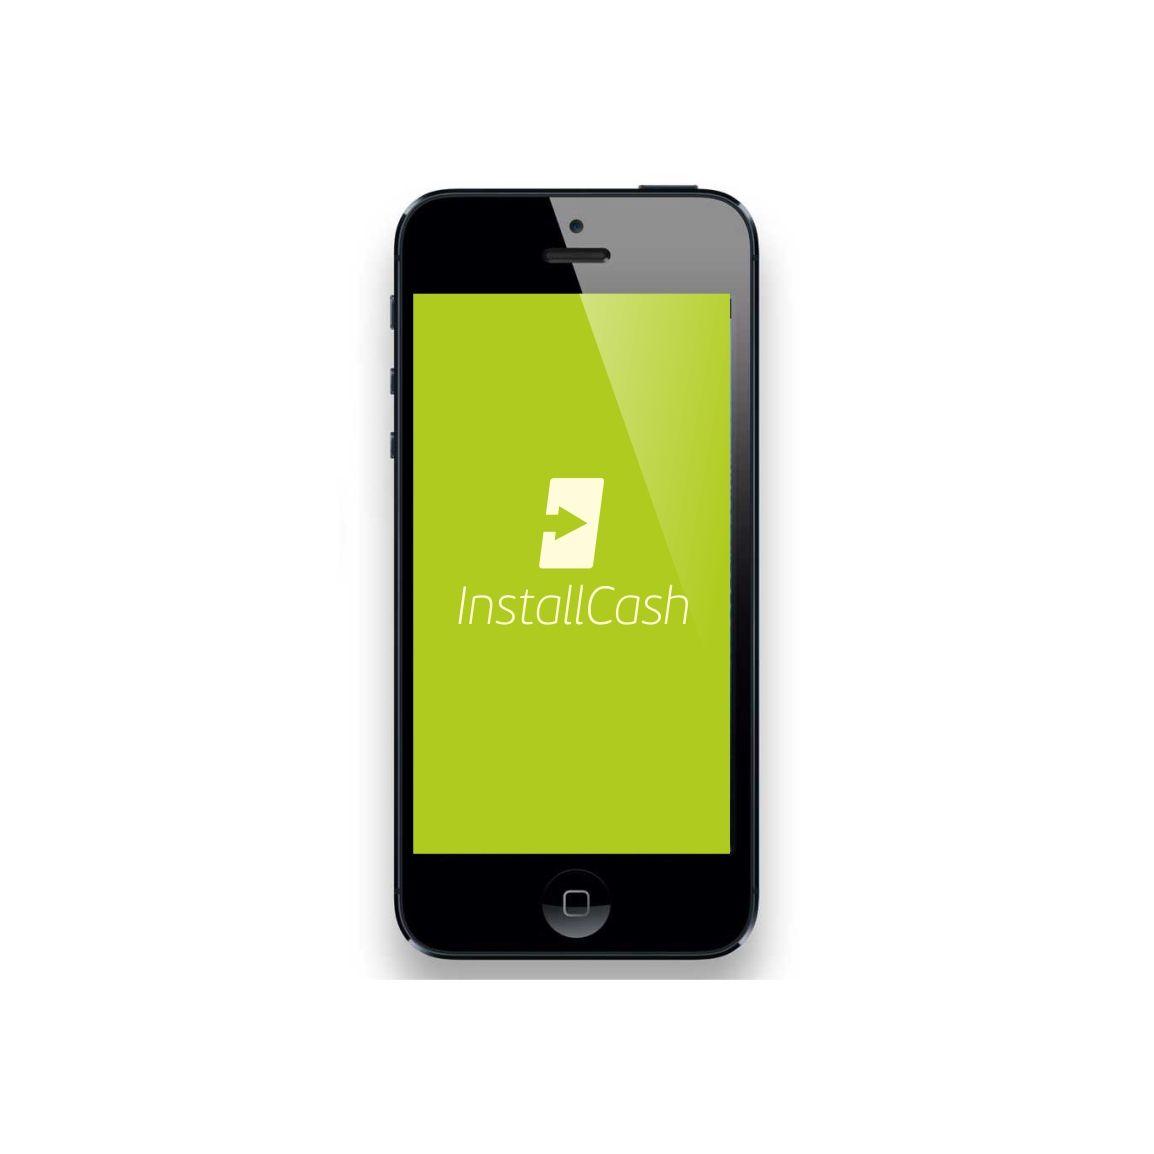 Логотип для партнерской программы InstallCash - дизайнер LavrentevVA